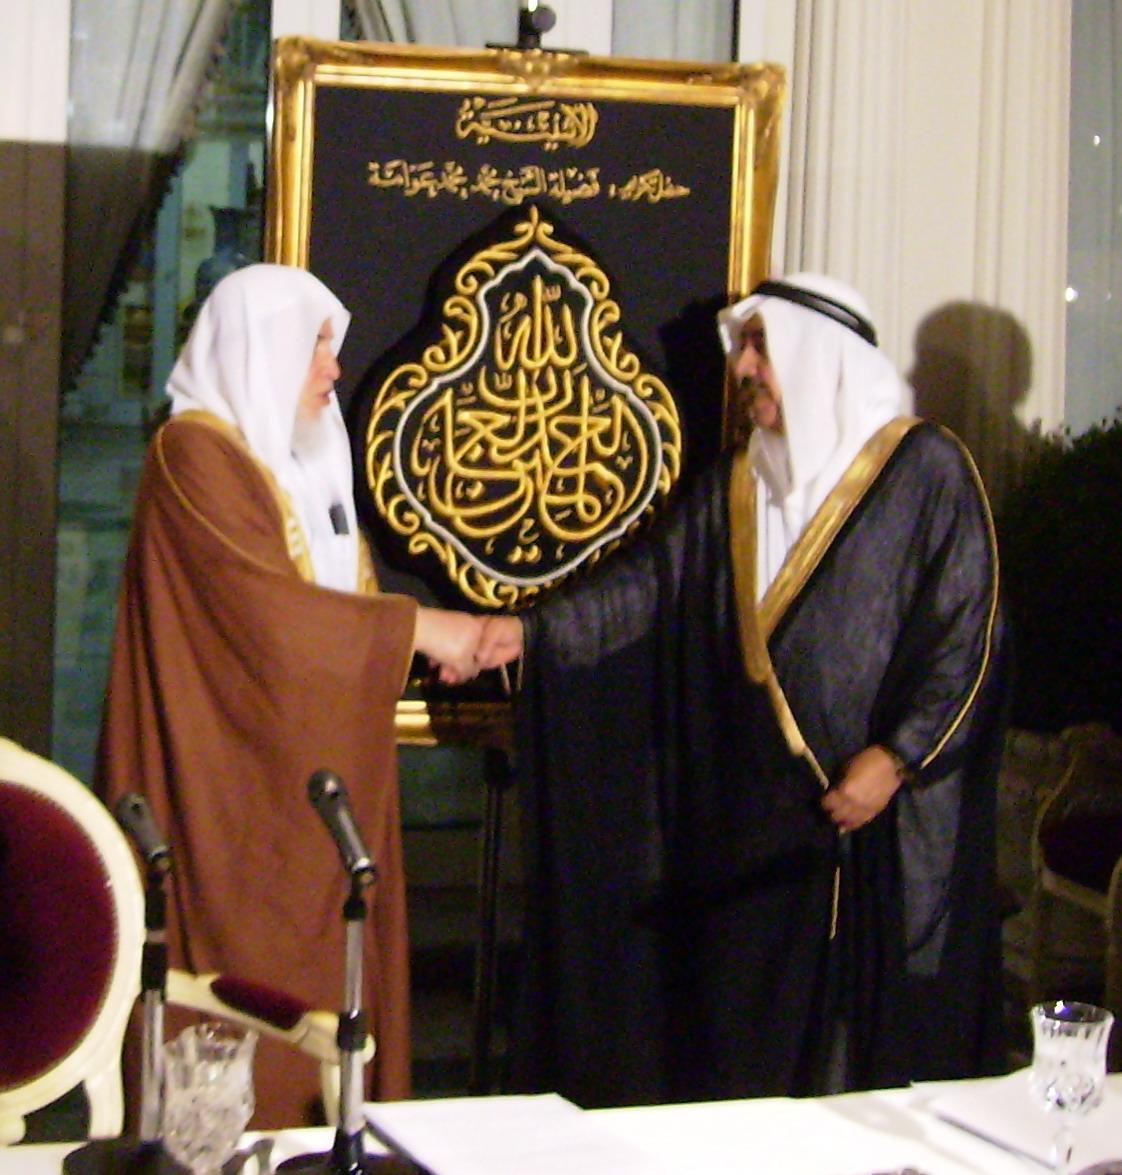 منارات ارشادية لطالب العلم - كلمة المحتفى به العلامة المحدث الشيخ محمد عوامة